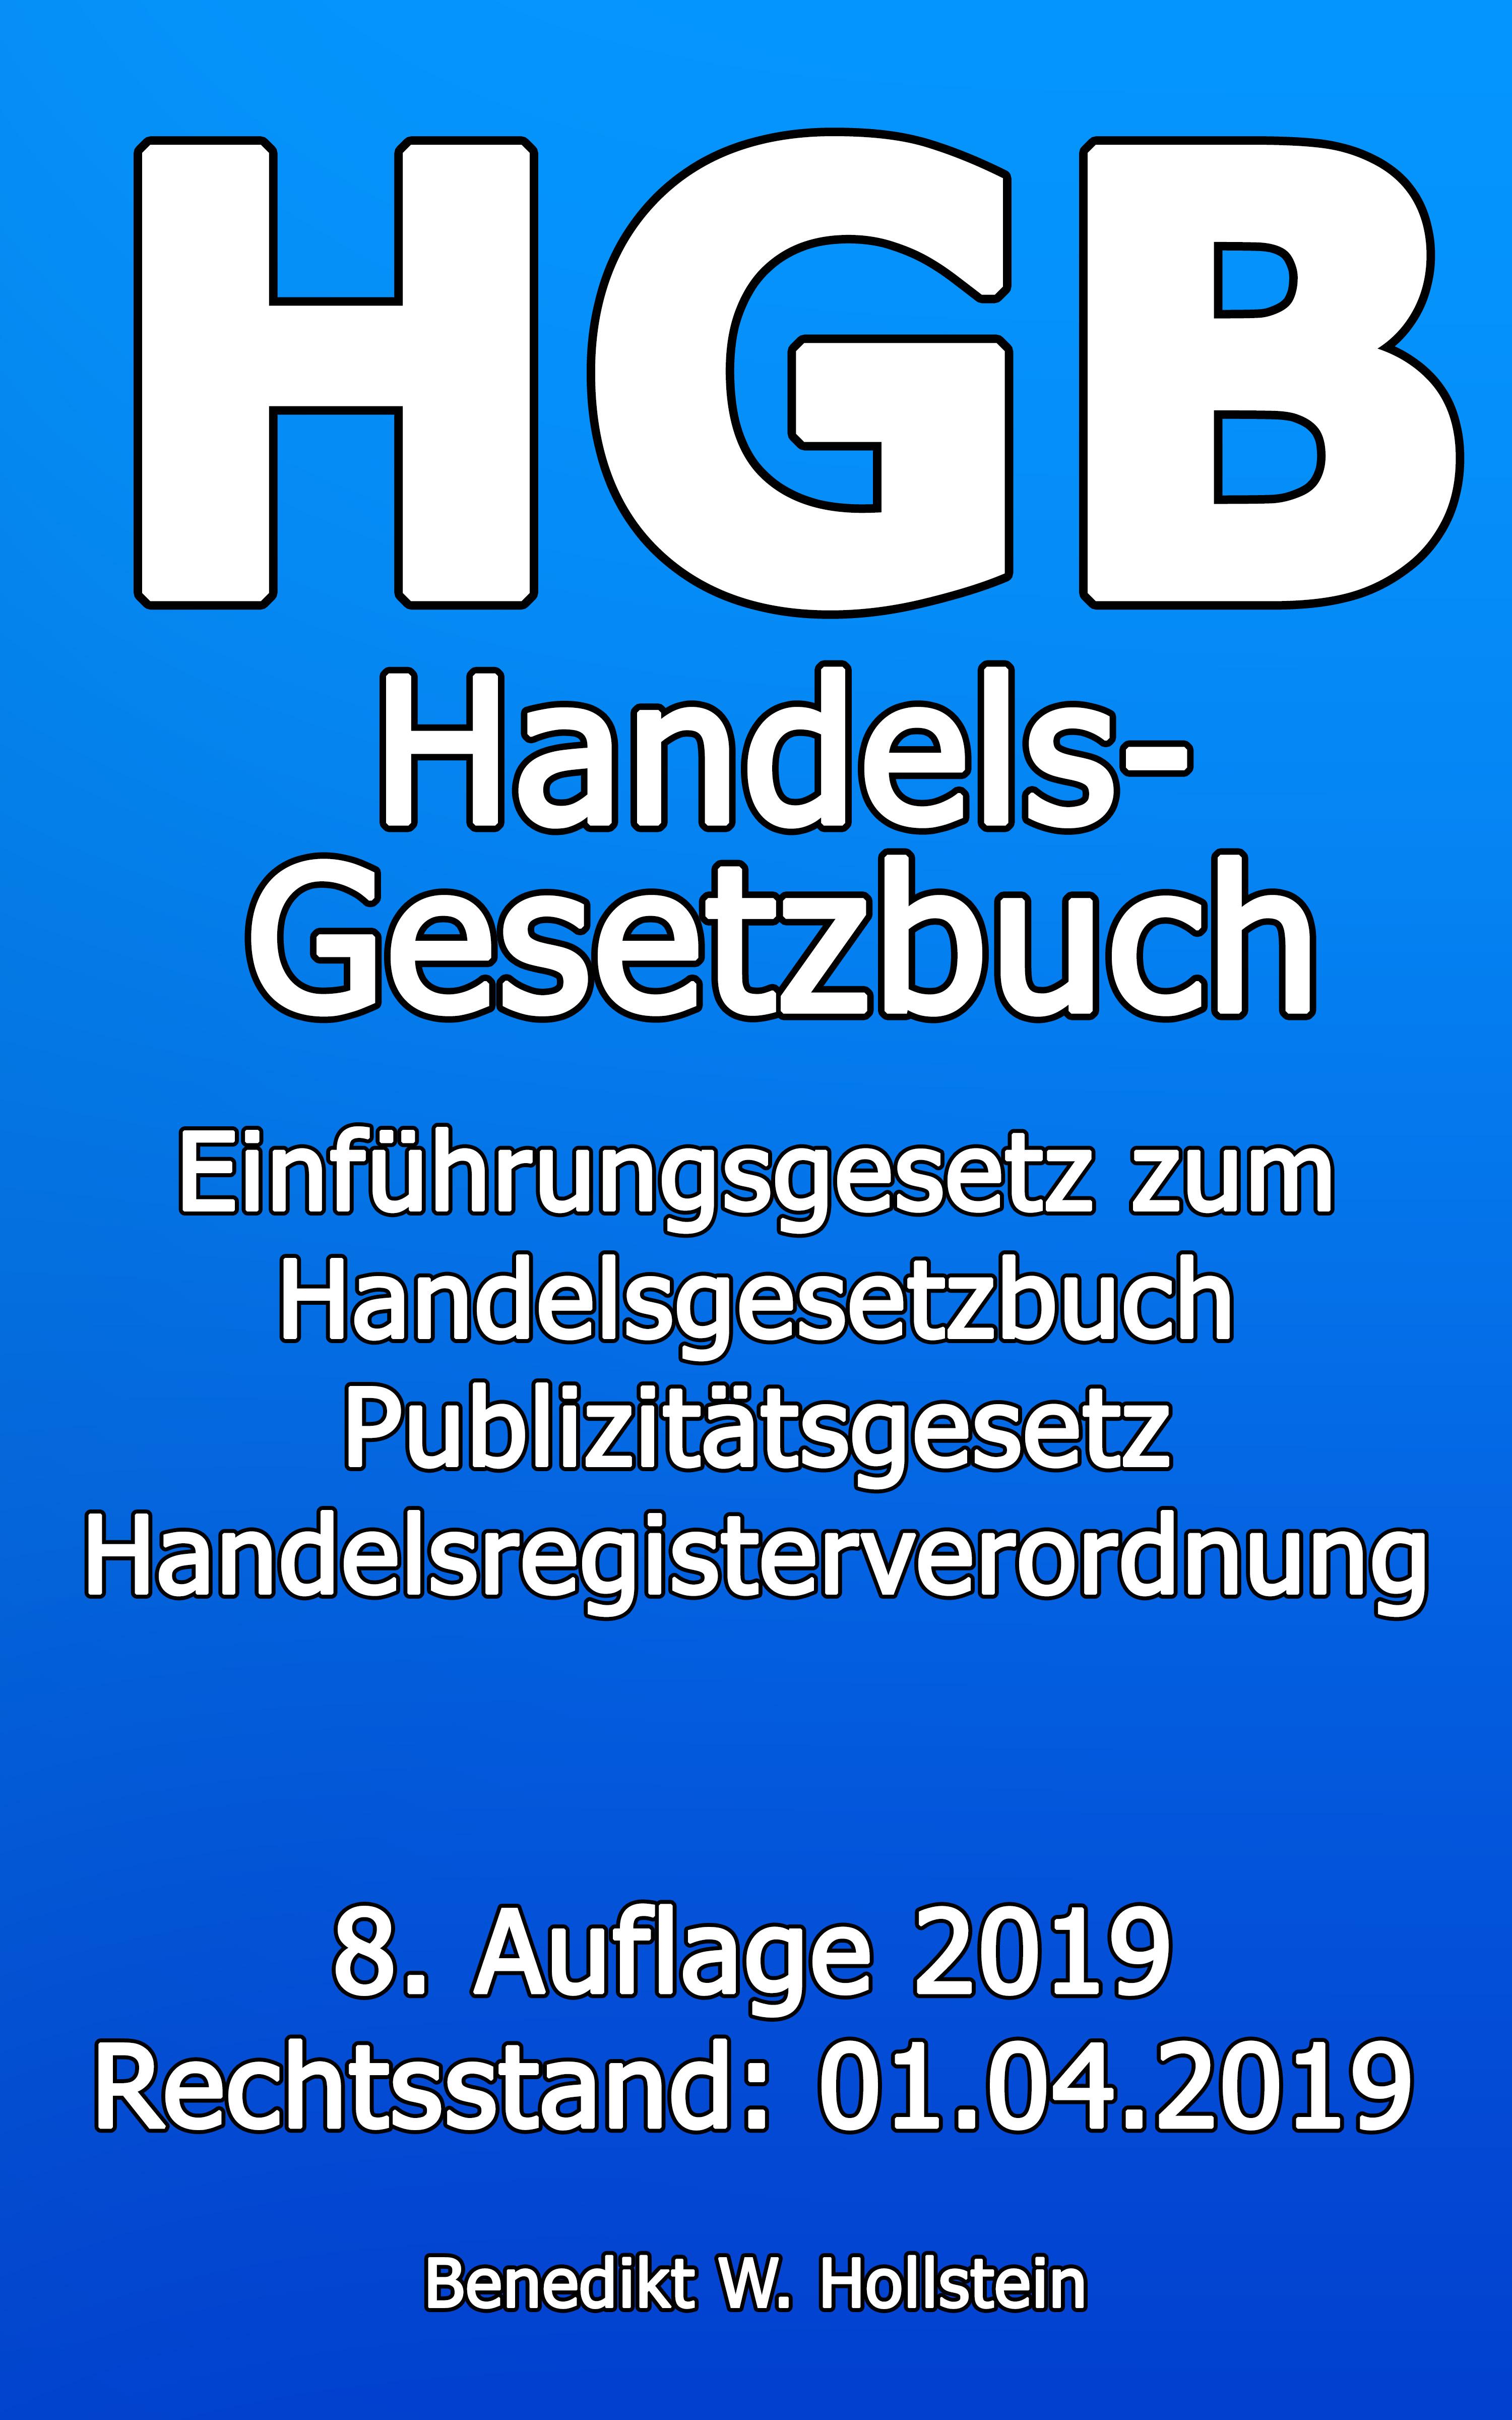 Benedikt W. Hollstein HGB Handelsgesetzbuch hankel hgb 1832 black